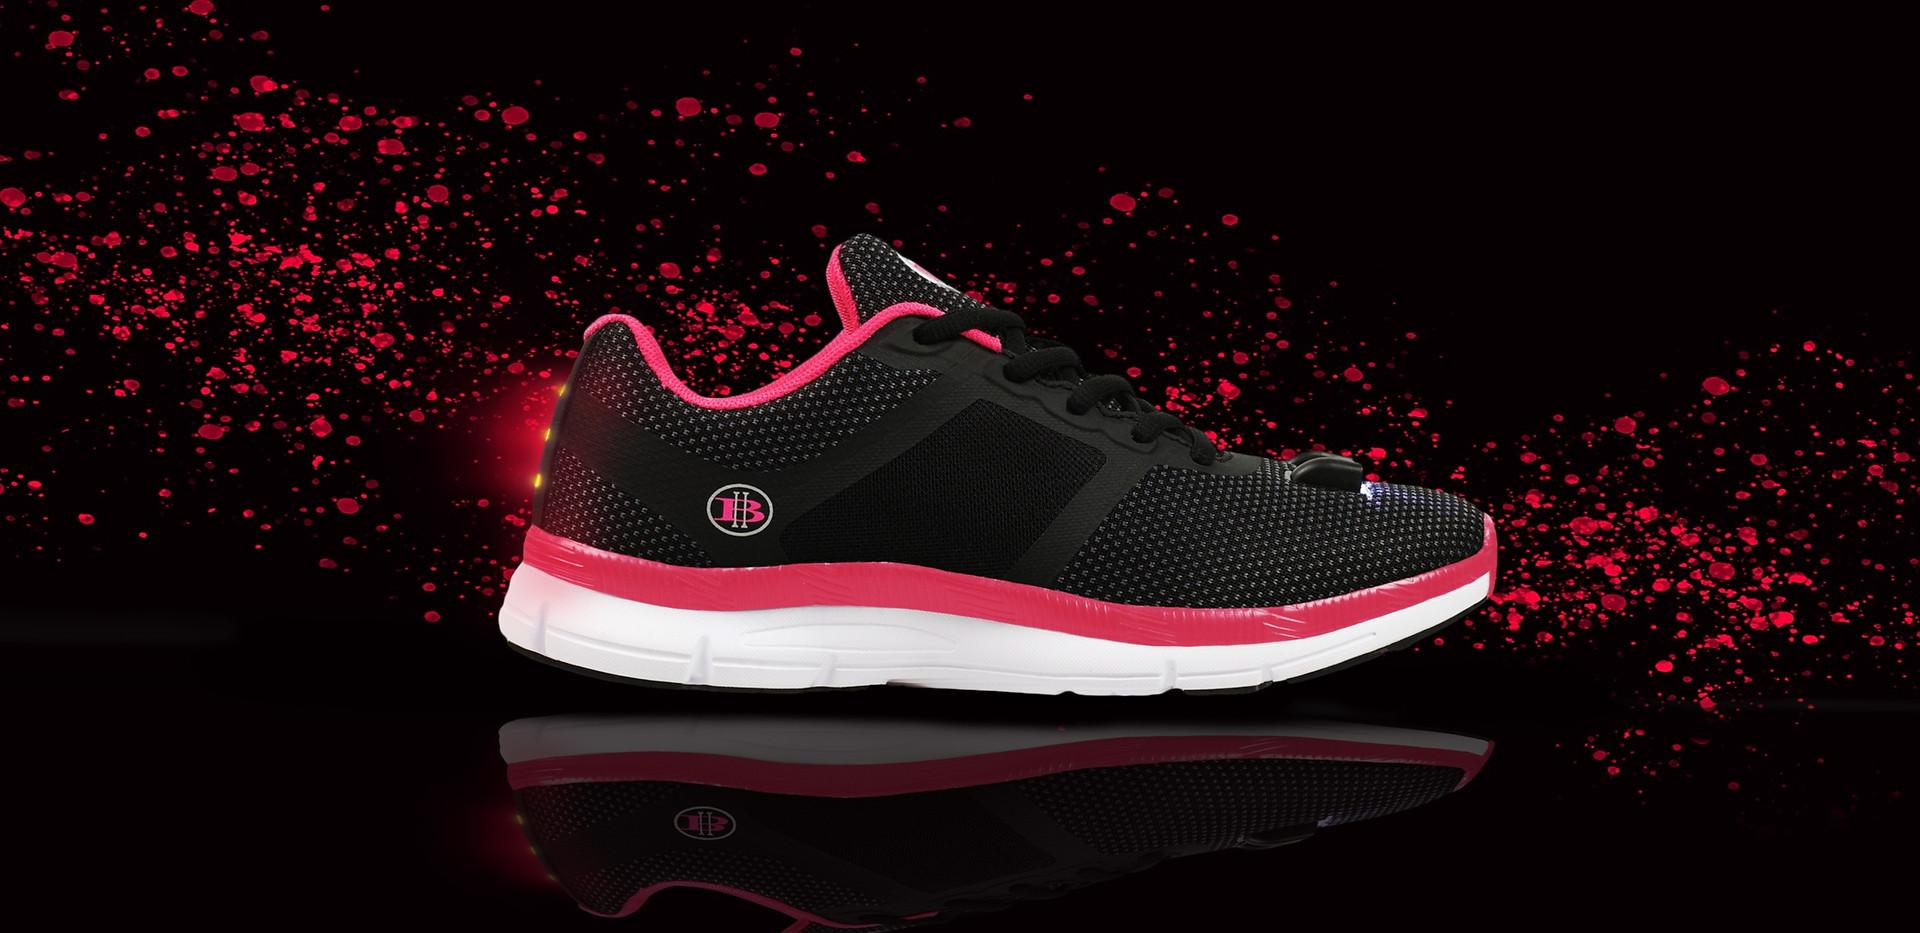 Night Runner-Womens-Light Shoes.jpg